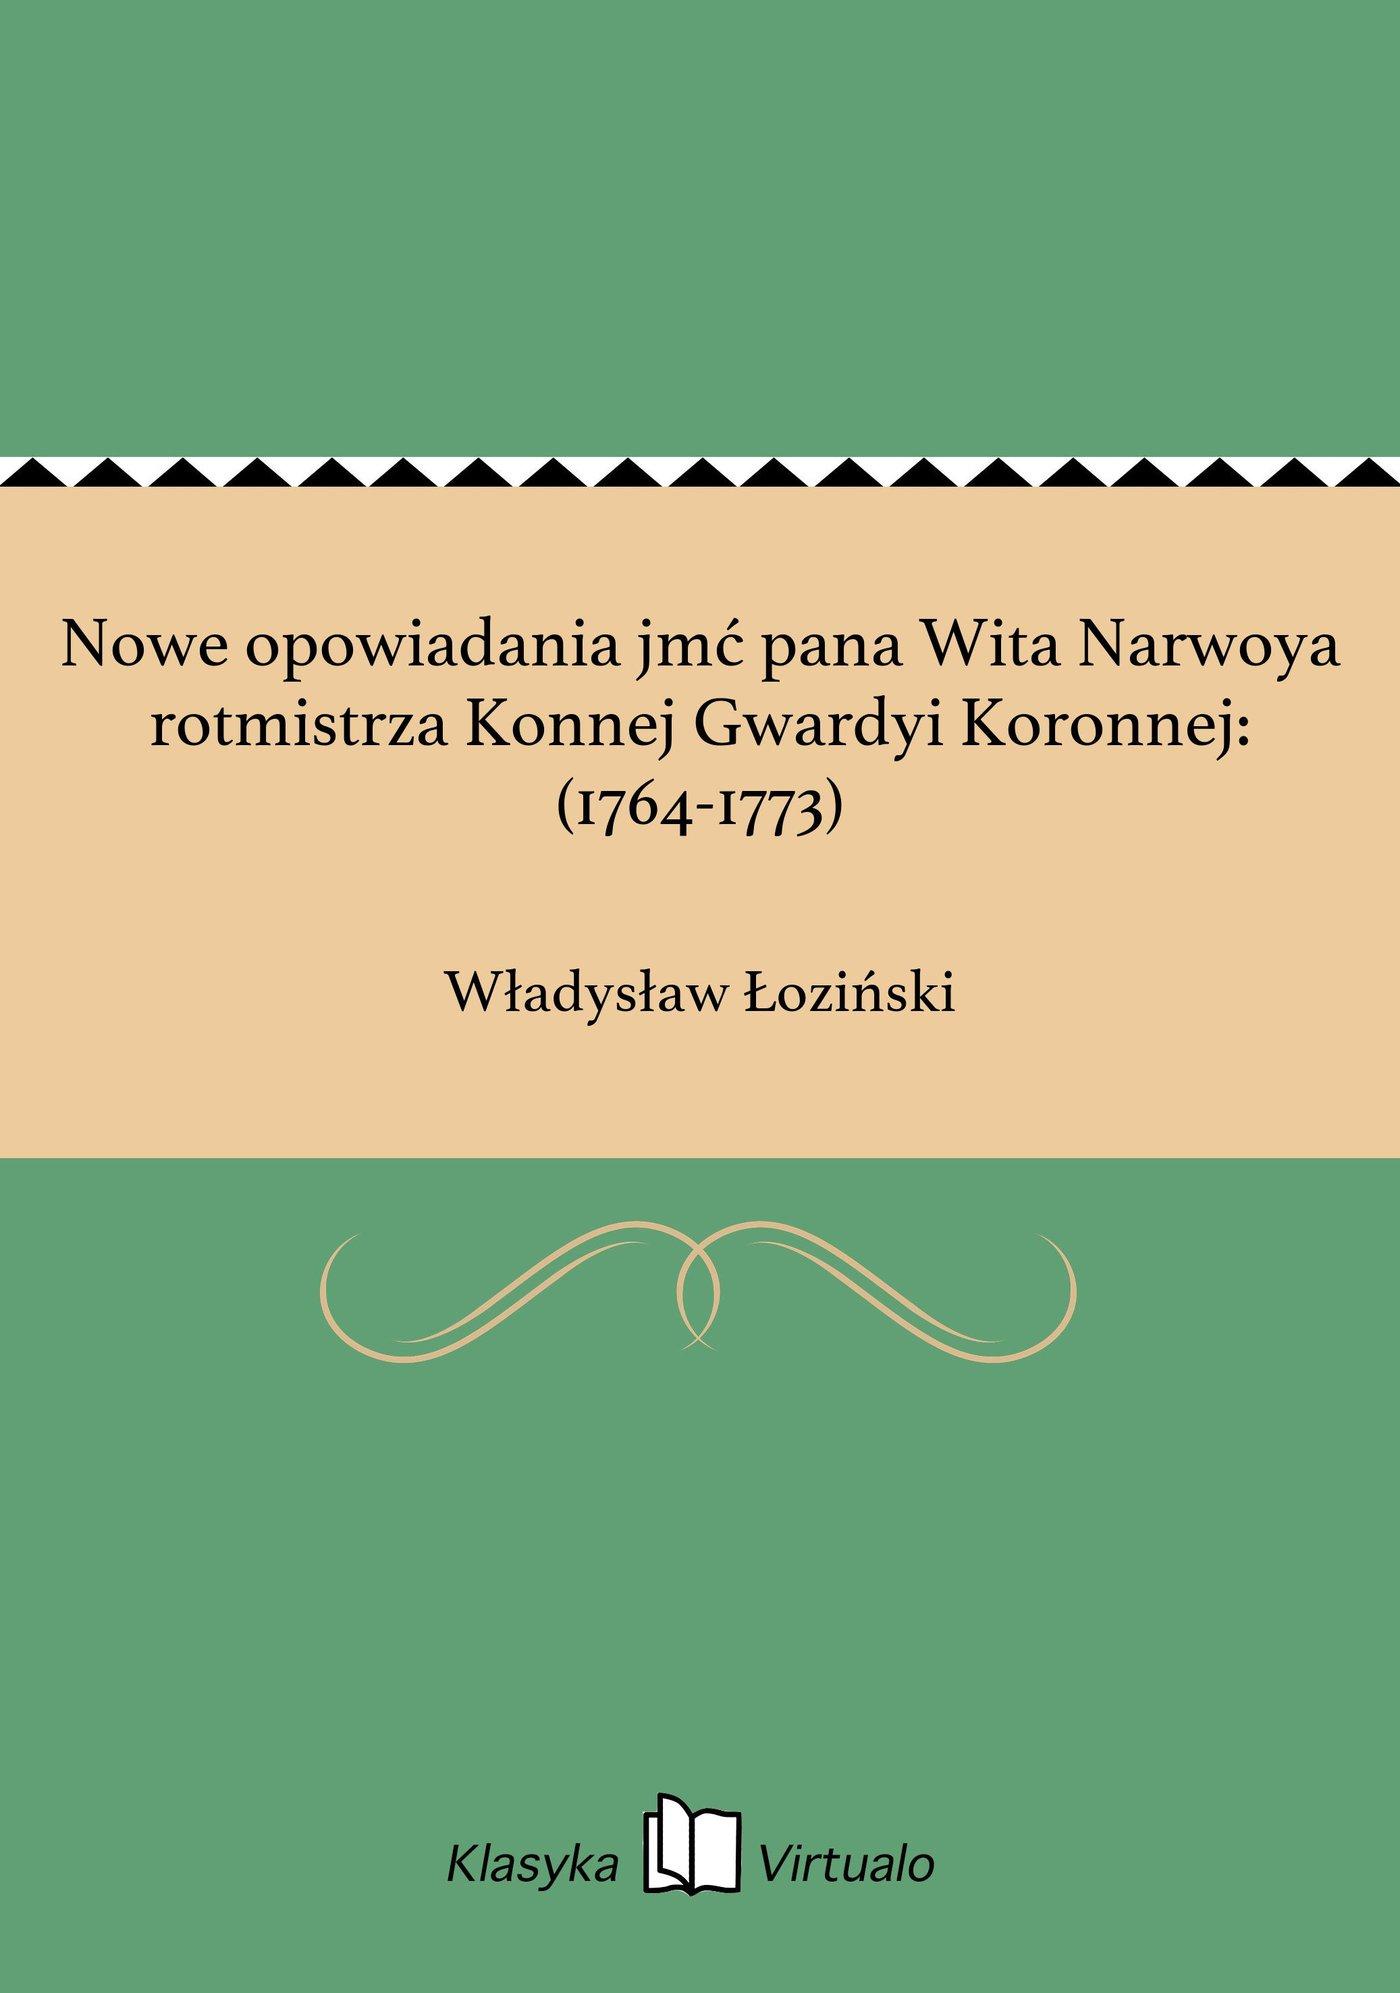 Nowe opowiadania jmć pana Wita Narwoya rotmistrza Konnej Gwardyi Koronnej: (1764-1773) - Ebook (Książka EPUB) do pobrania w formacie EPUB